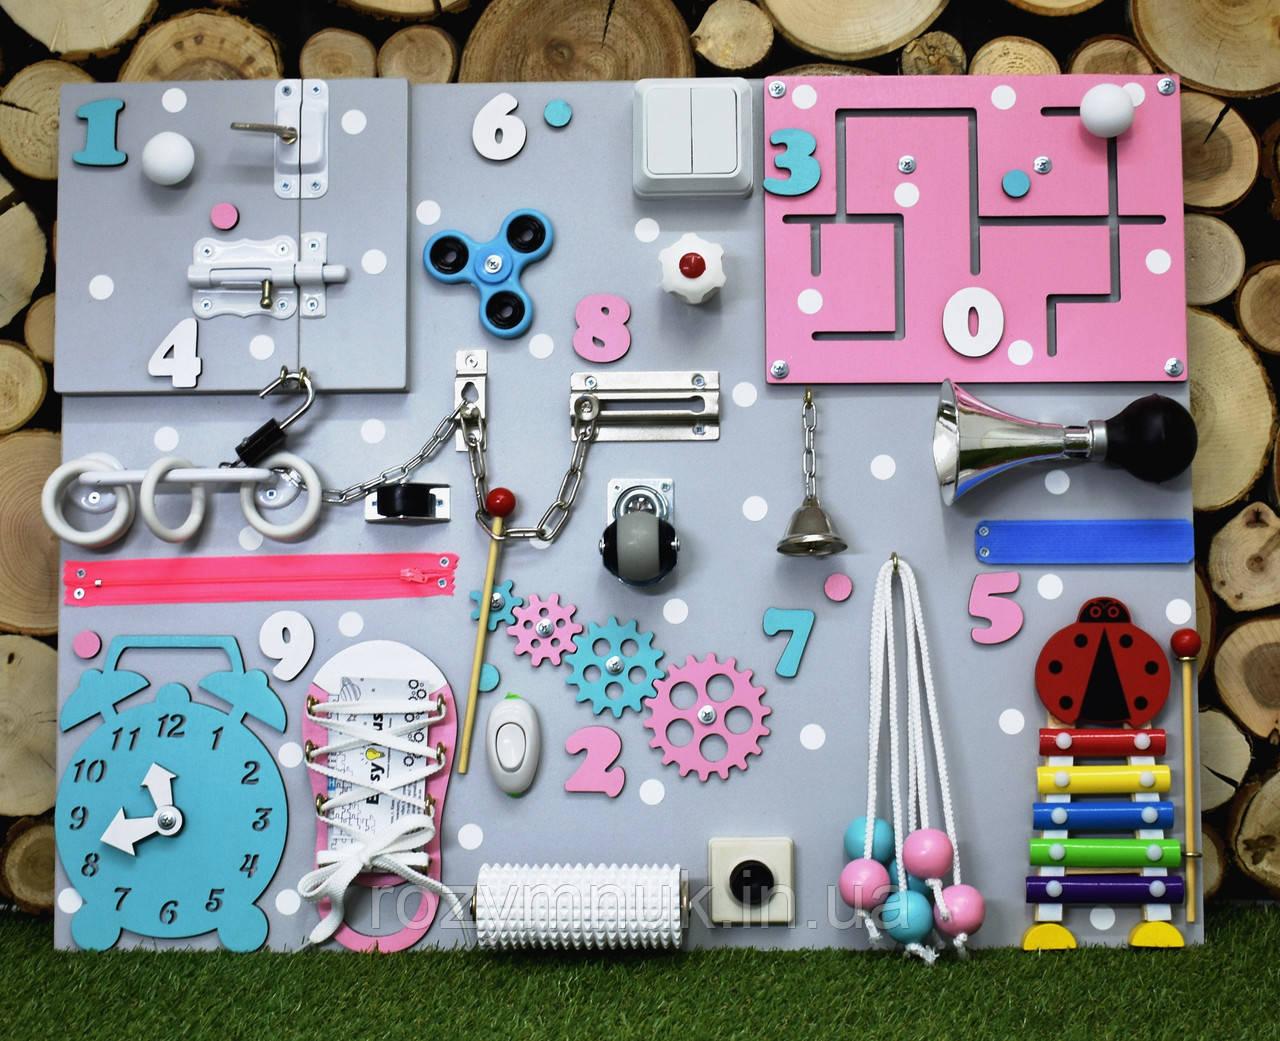 Развивающая доска Бизиборд размер 50*65  busyboard bizibord бізіборд для девочки розово-бирюзовый